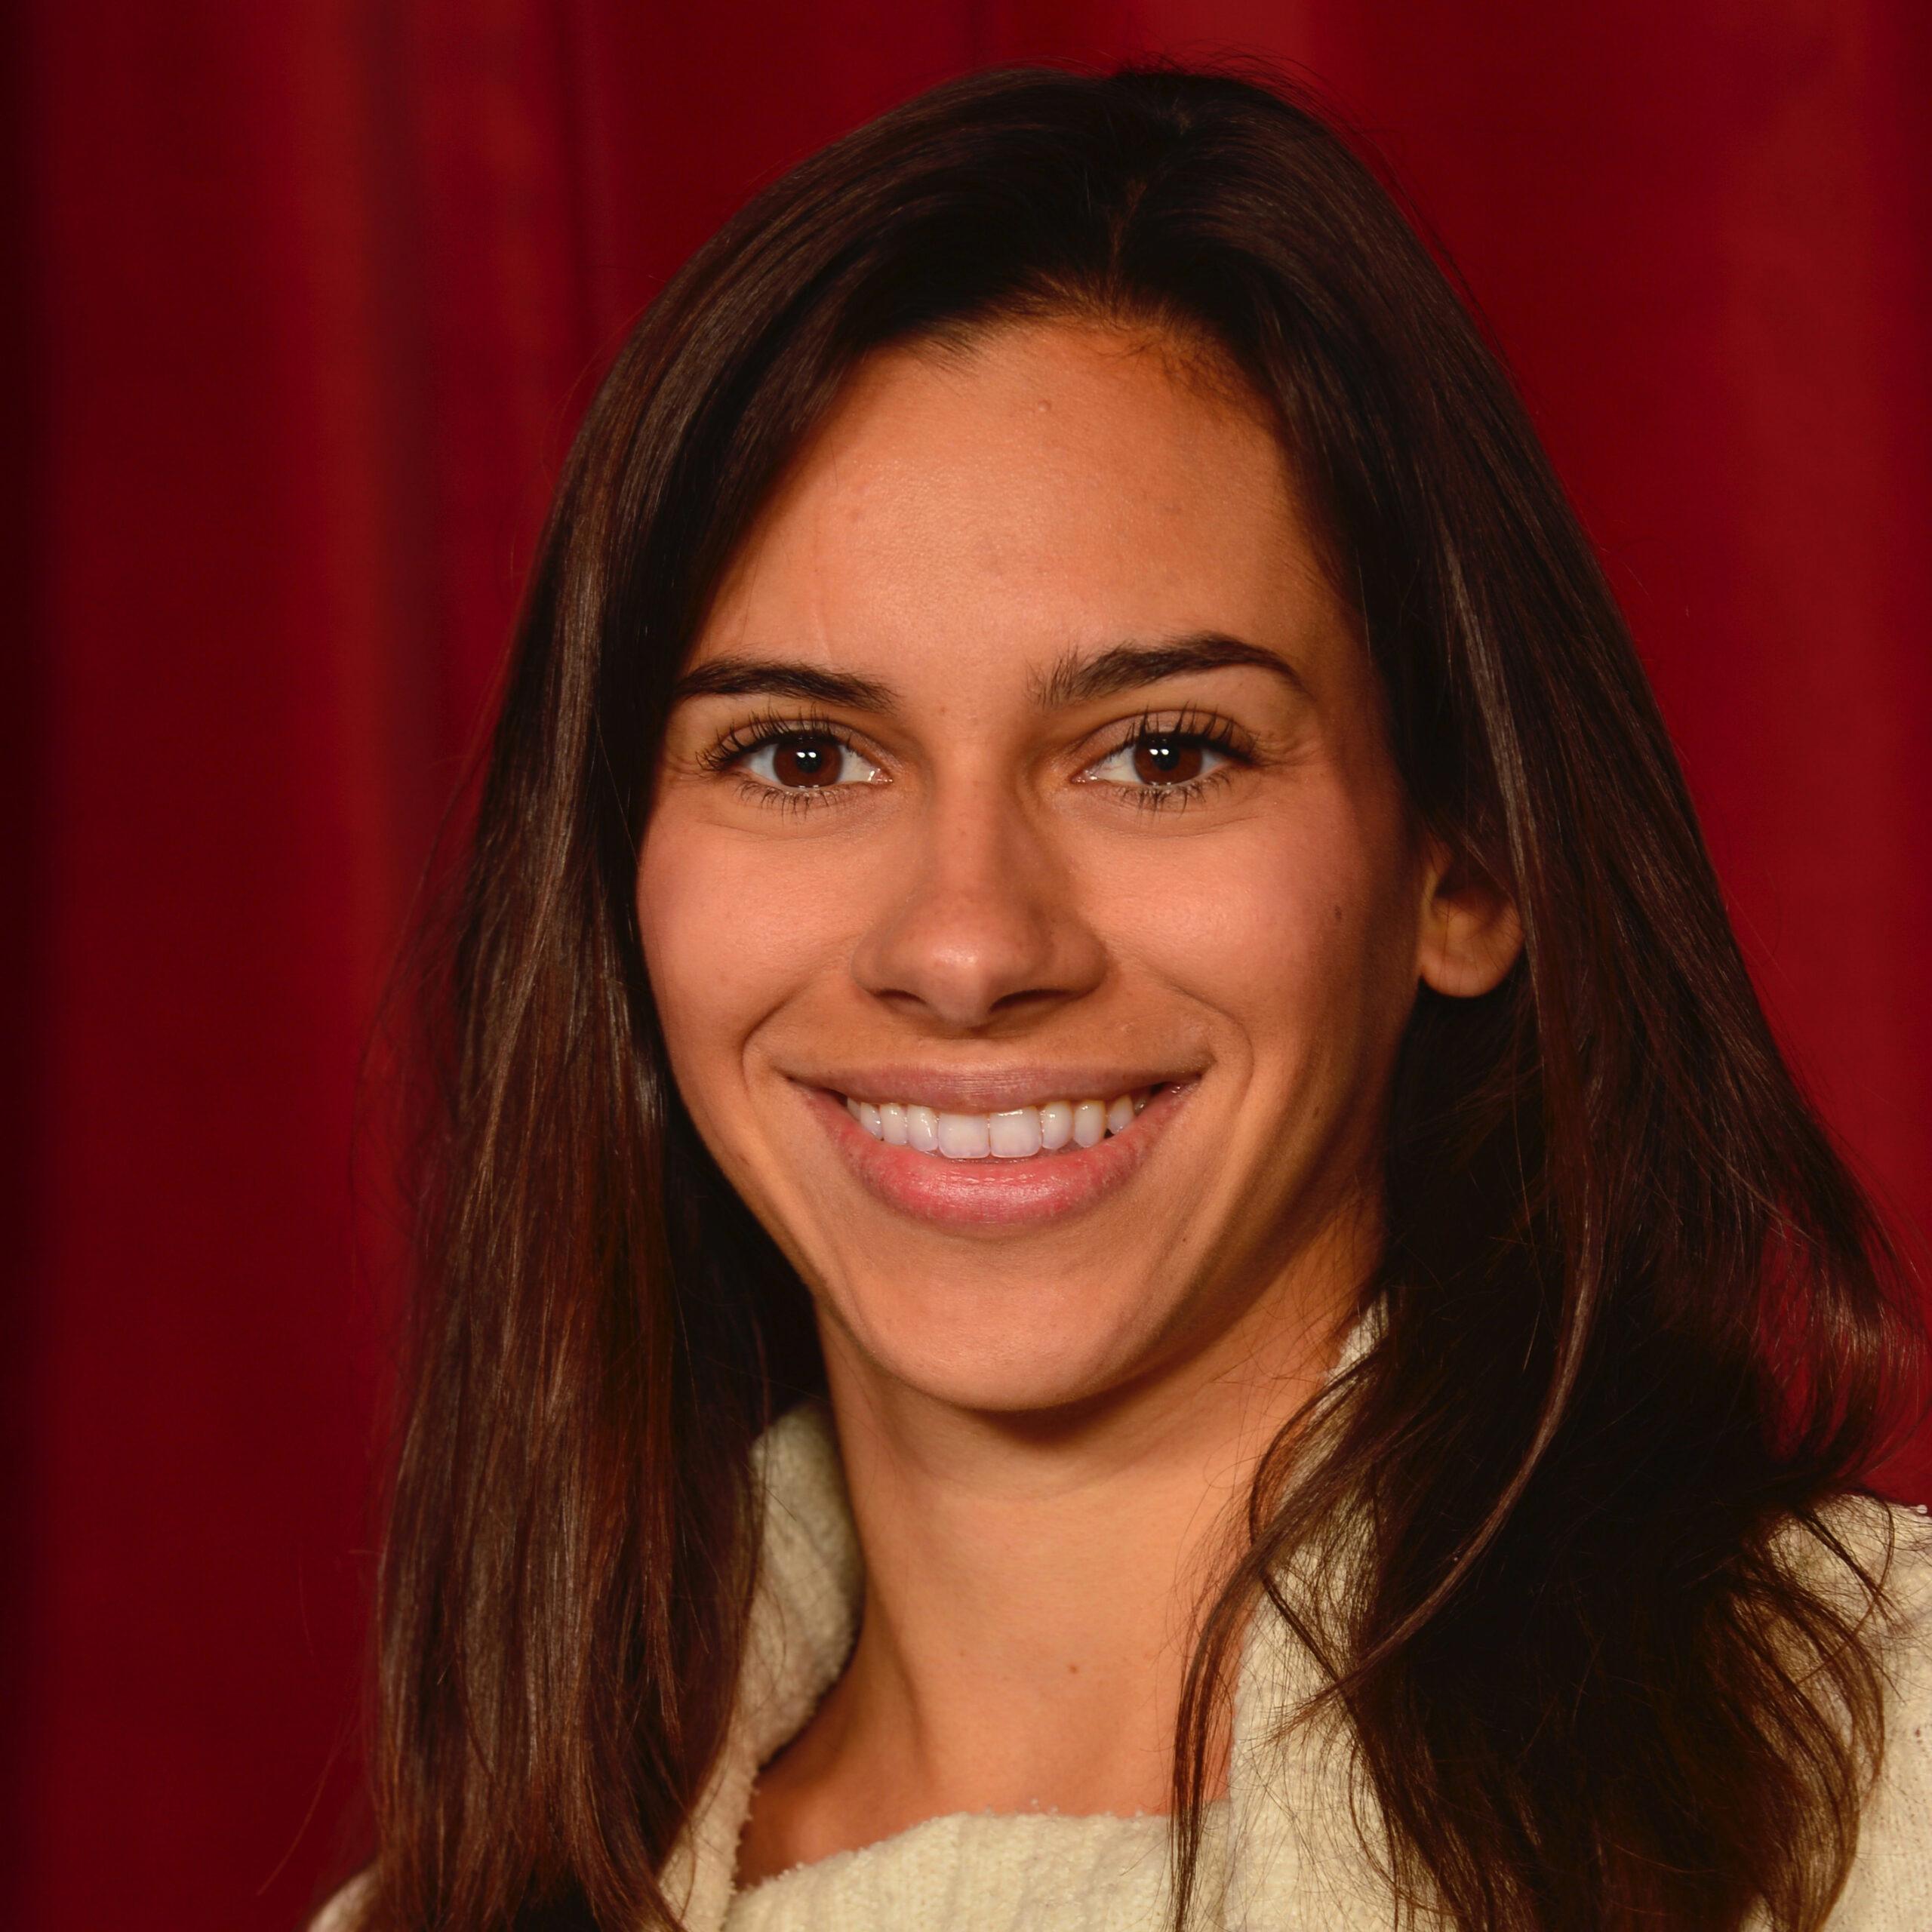 Jacqueline Vetterli